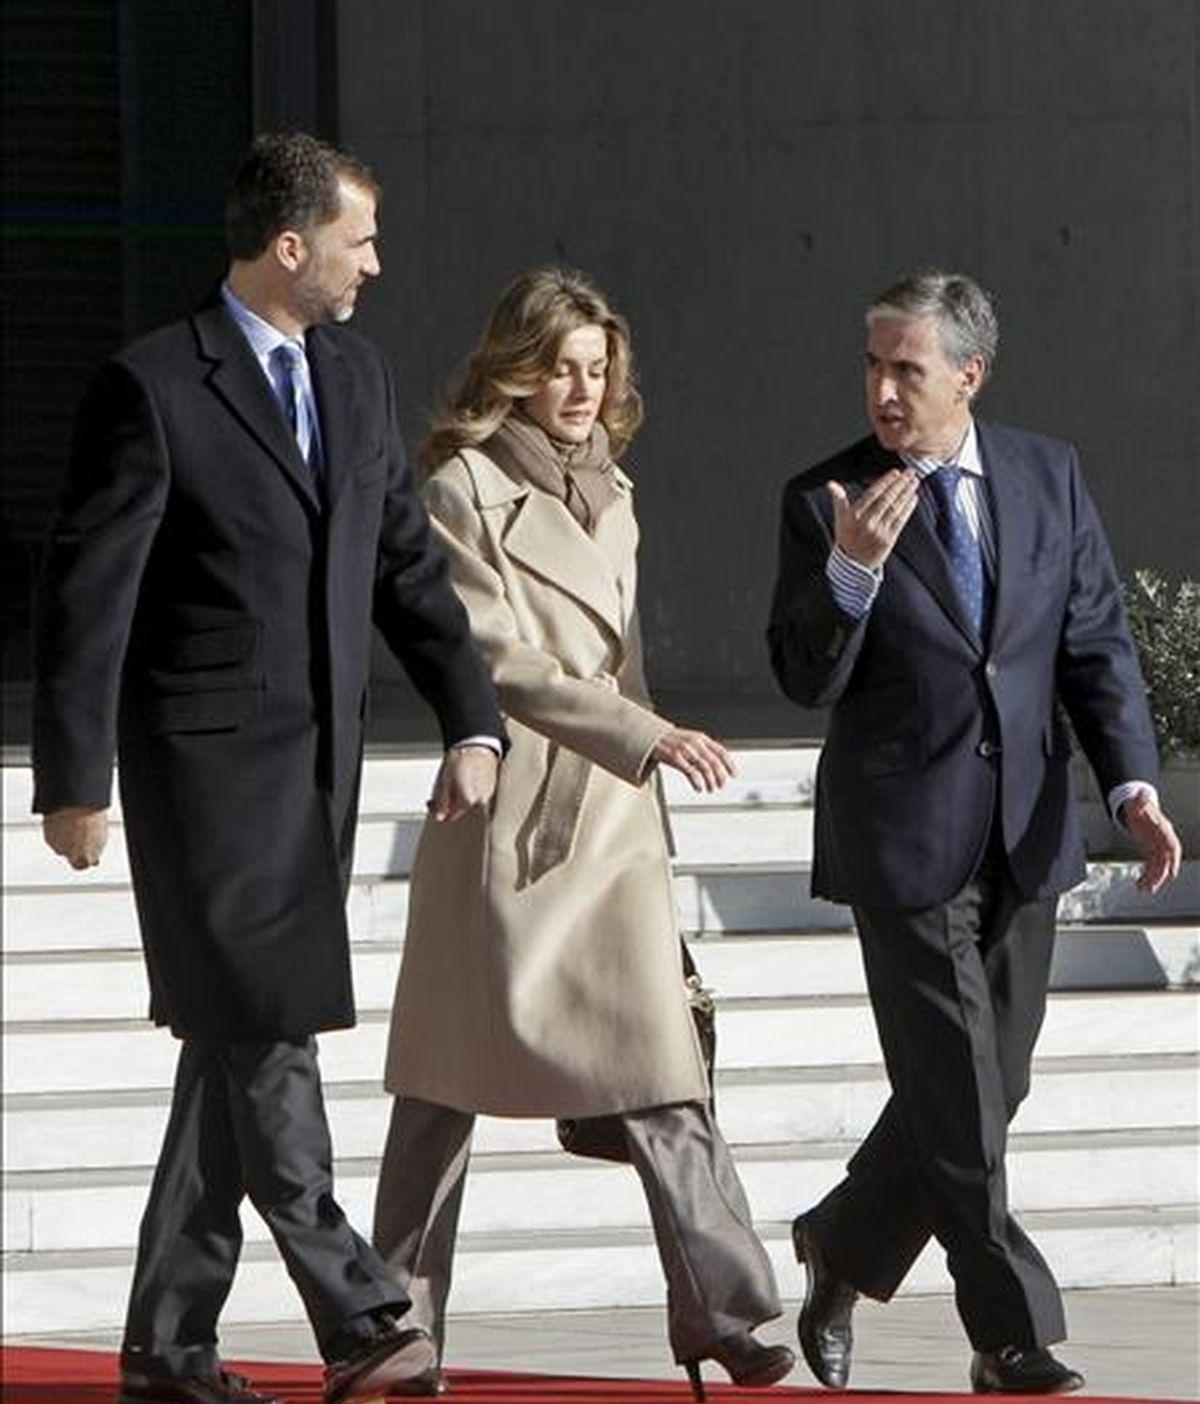 Los Príncipes de Asturias conversan con el ministro de Presidencia, Ramón Jáuregui, antes de subir al avión que les traslada a Perú para una visita oficial con el objetivo de estrechar lazos políticos, económicos y culturales con España. EFE